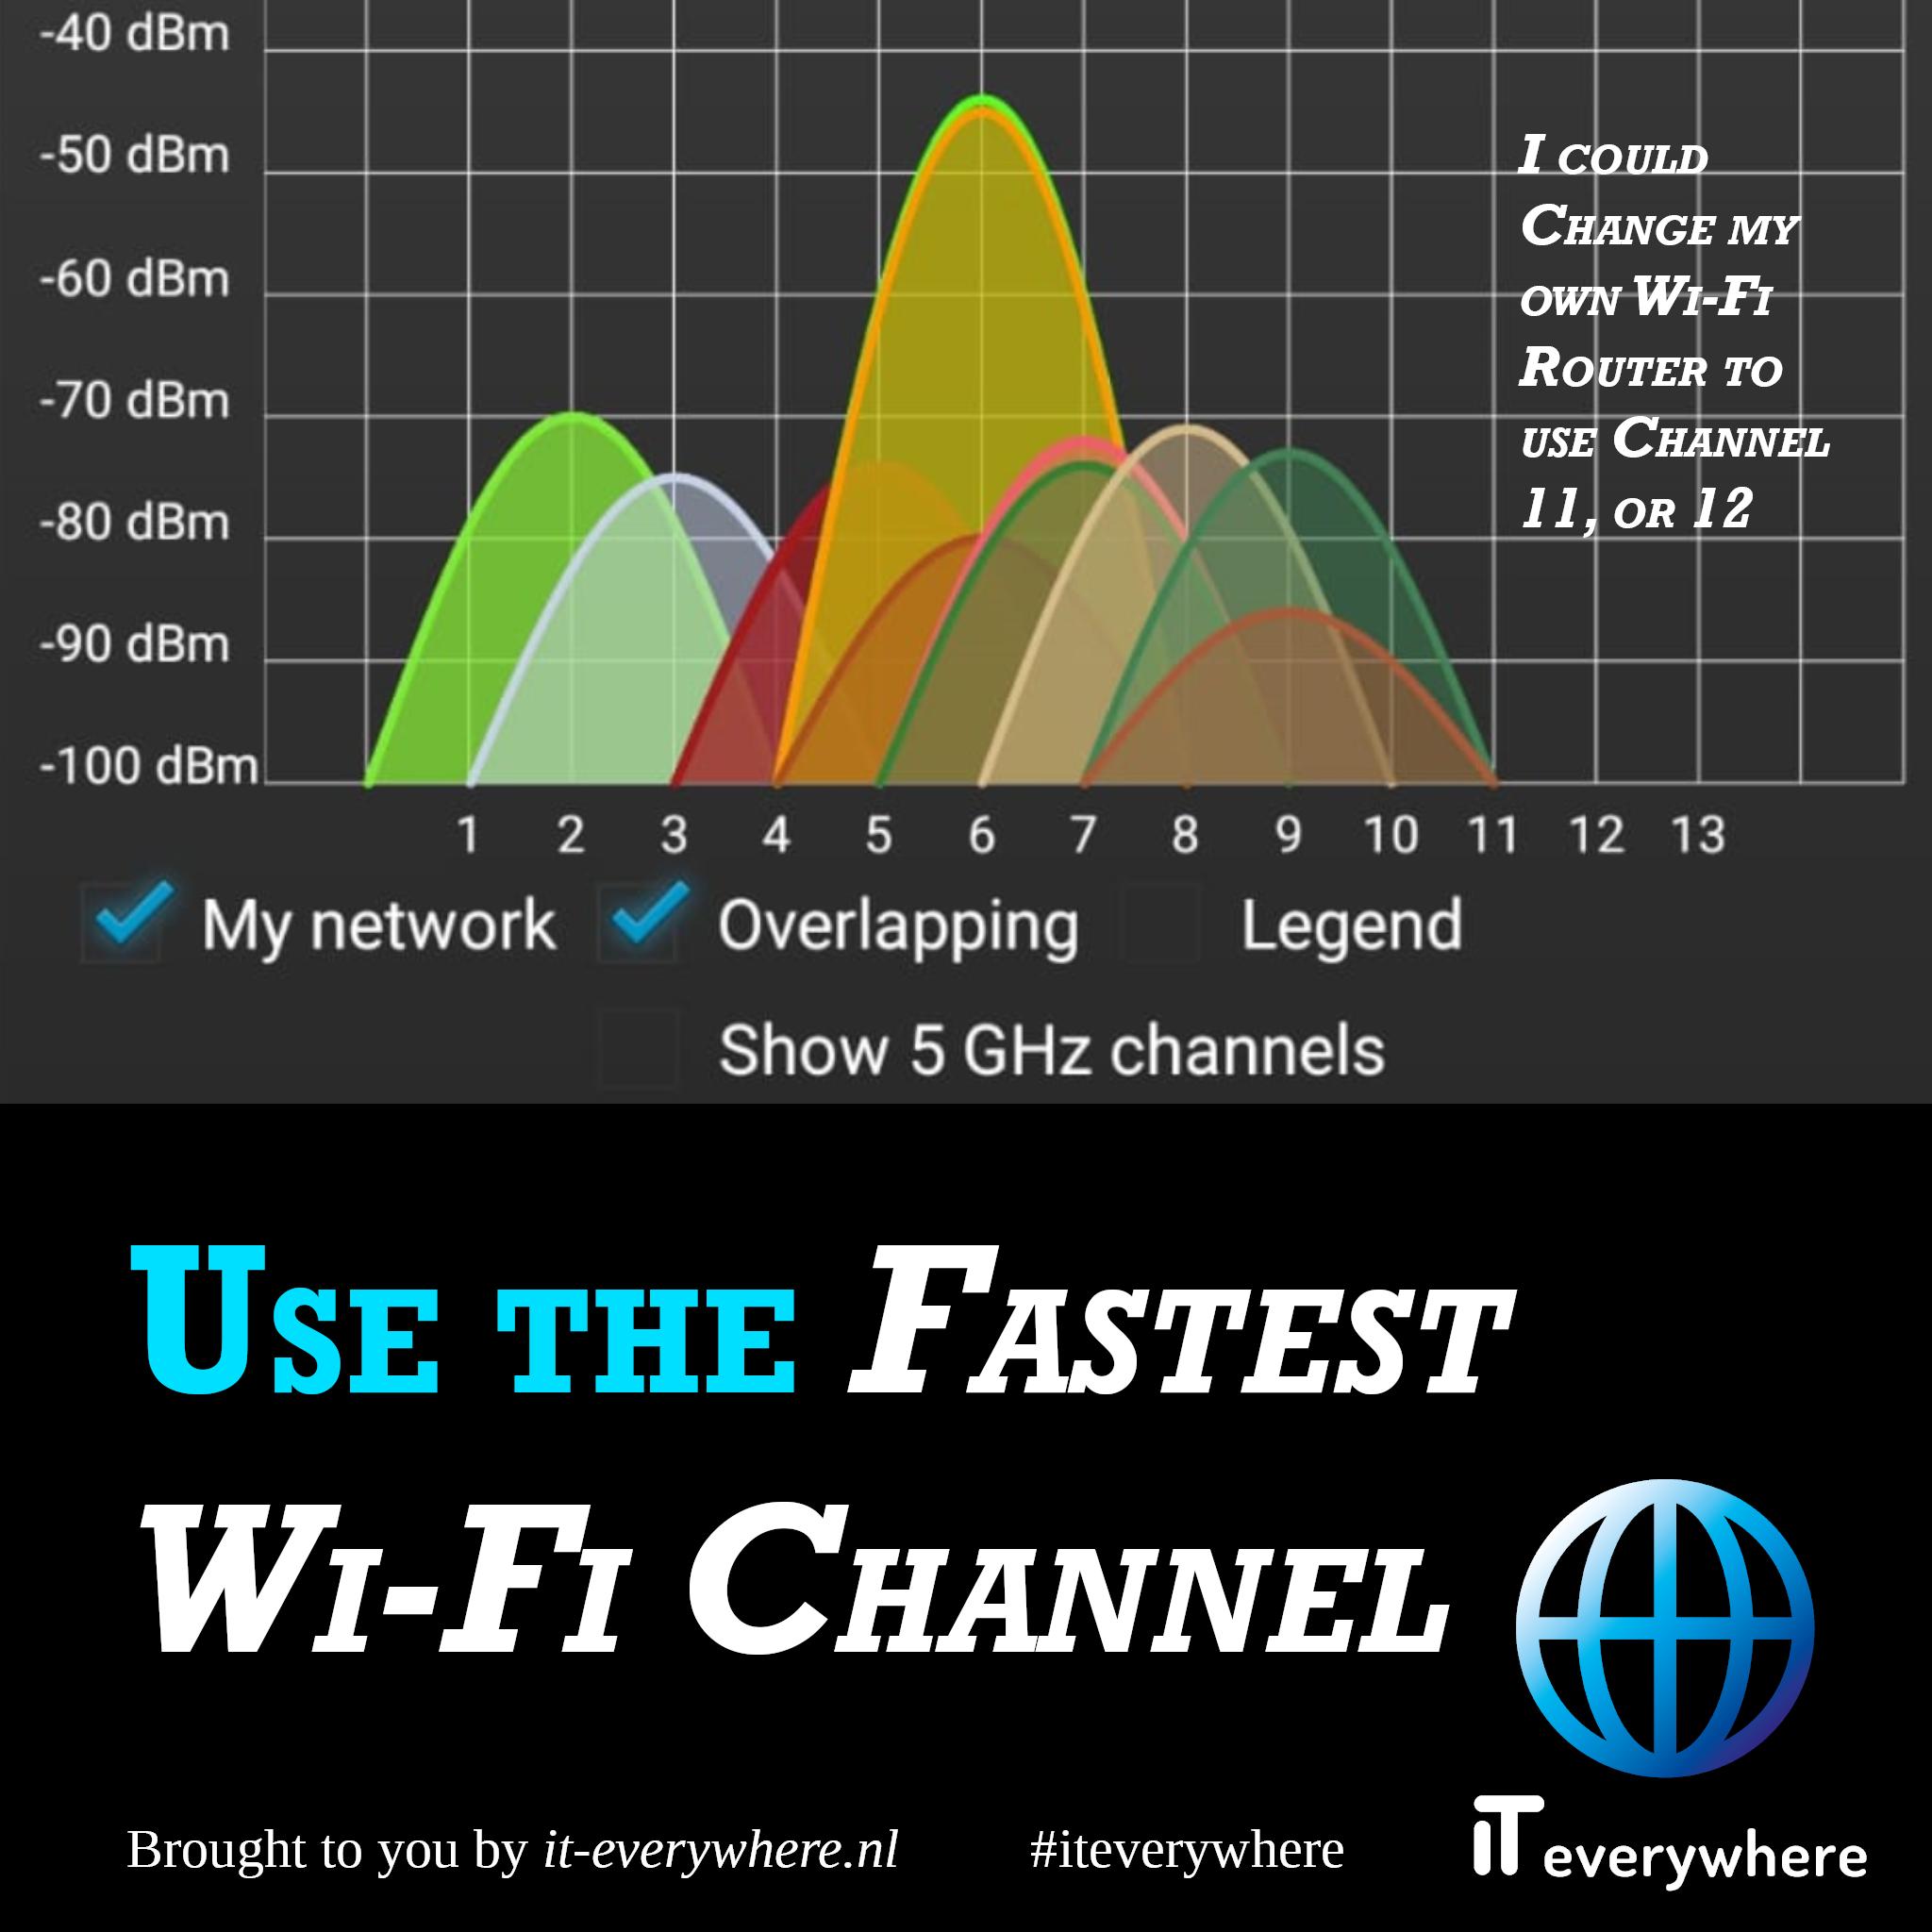 Stel de snelste Wi-Fi channel in